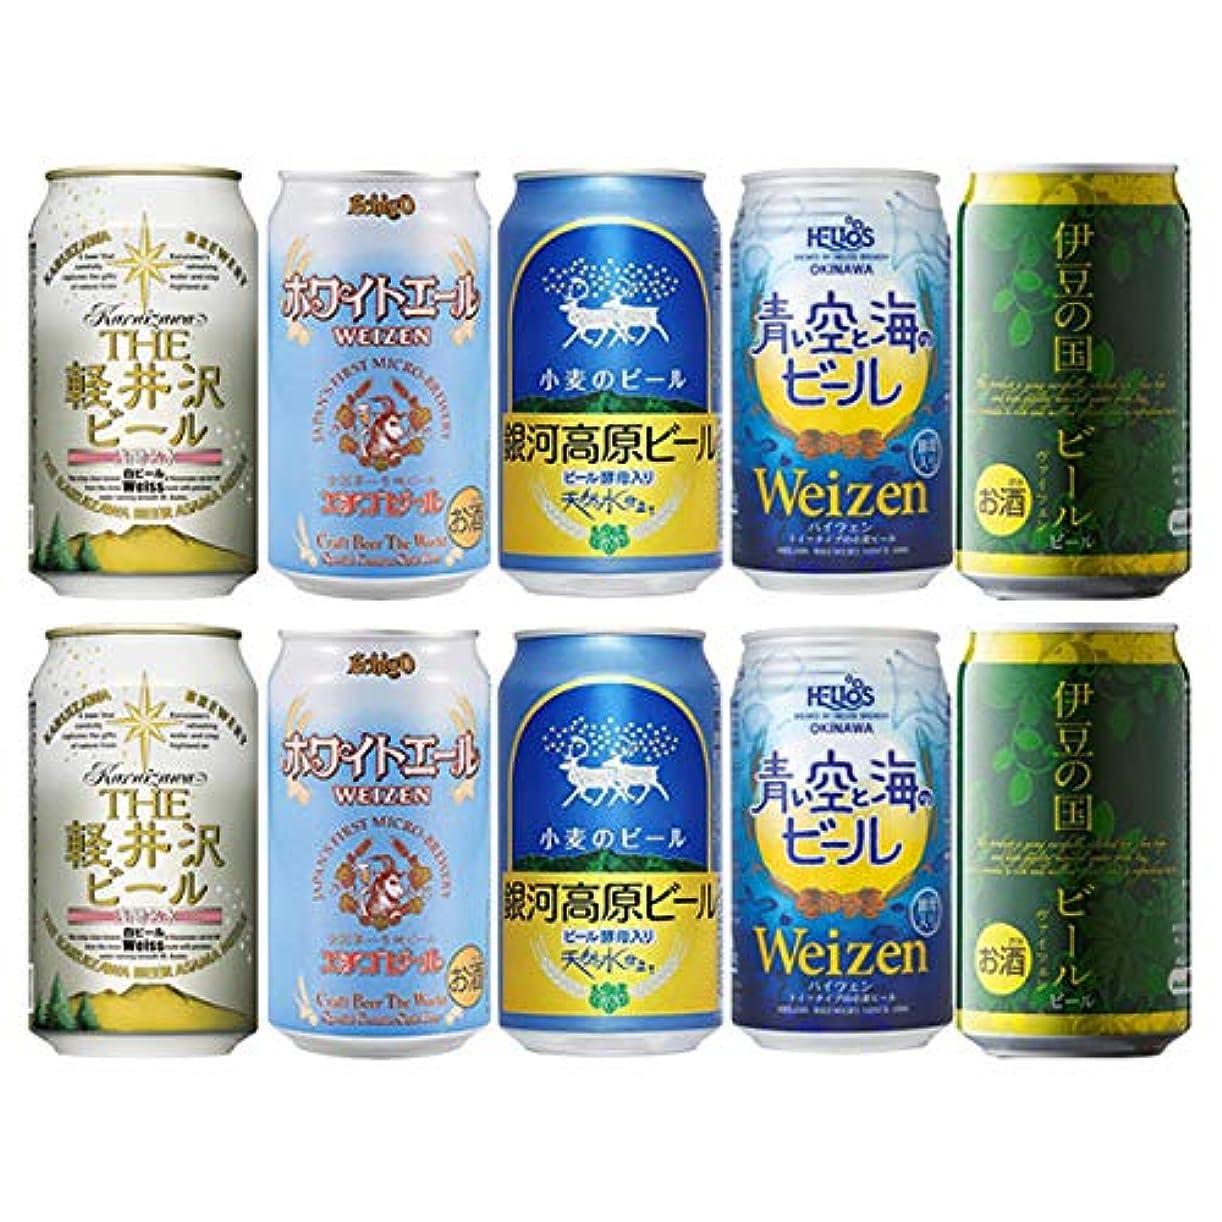 外部の配列レースクラフトビール ヴァイツェン 白ビール10本飲み比べセット